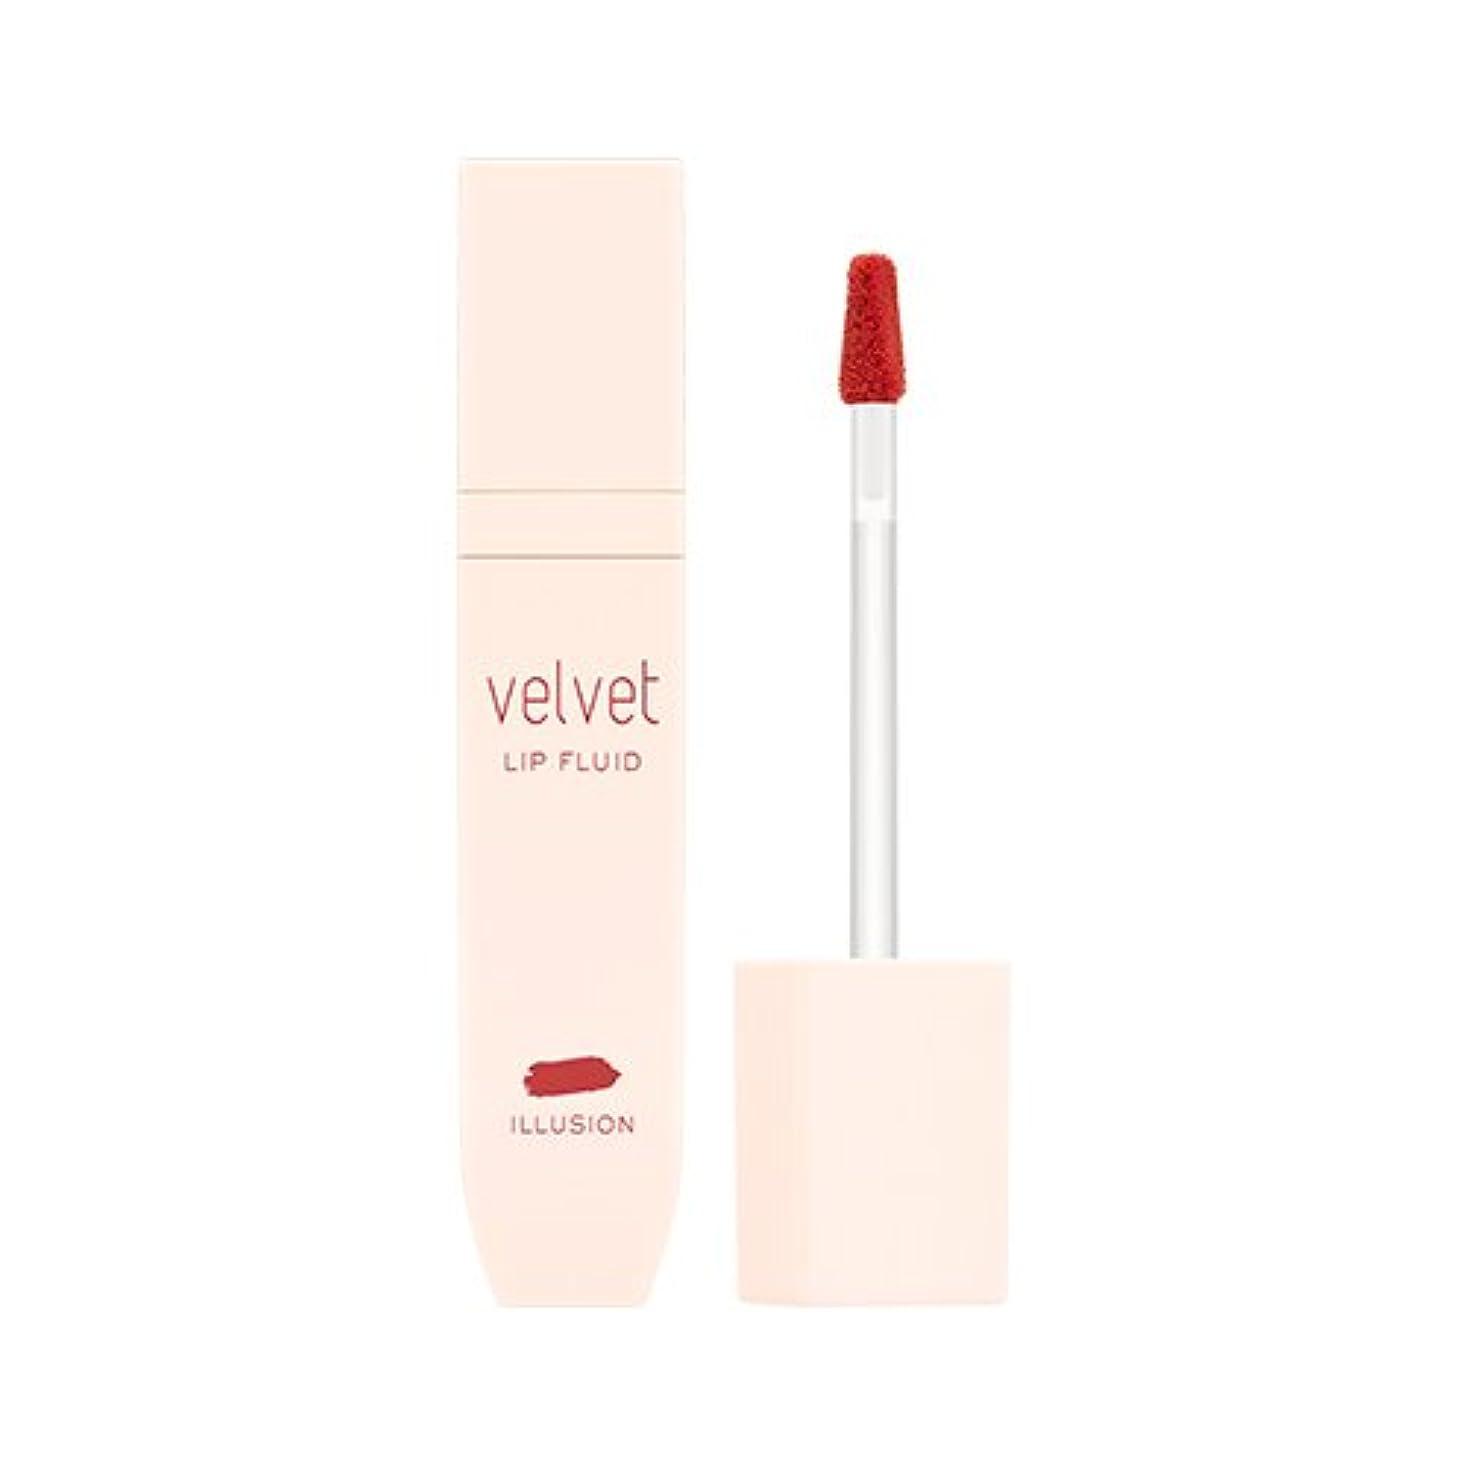 使い込む優遇旅行者MISSHA Velvet Lip Fluid #Illusion / ミシャ ベルベットリップフルイド #イリュージョン [並行輸入品]